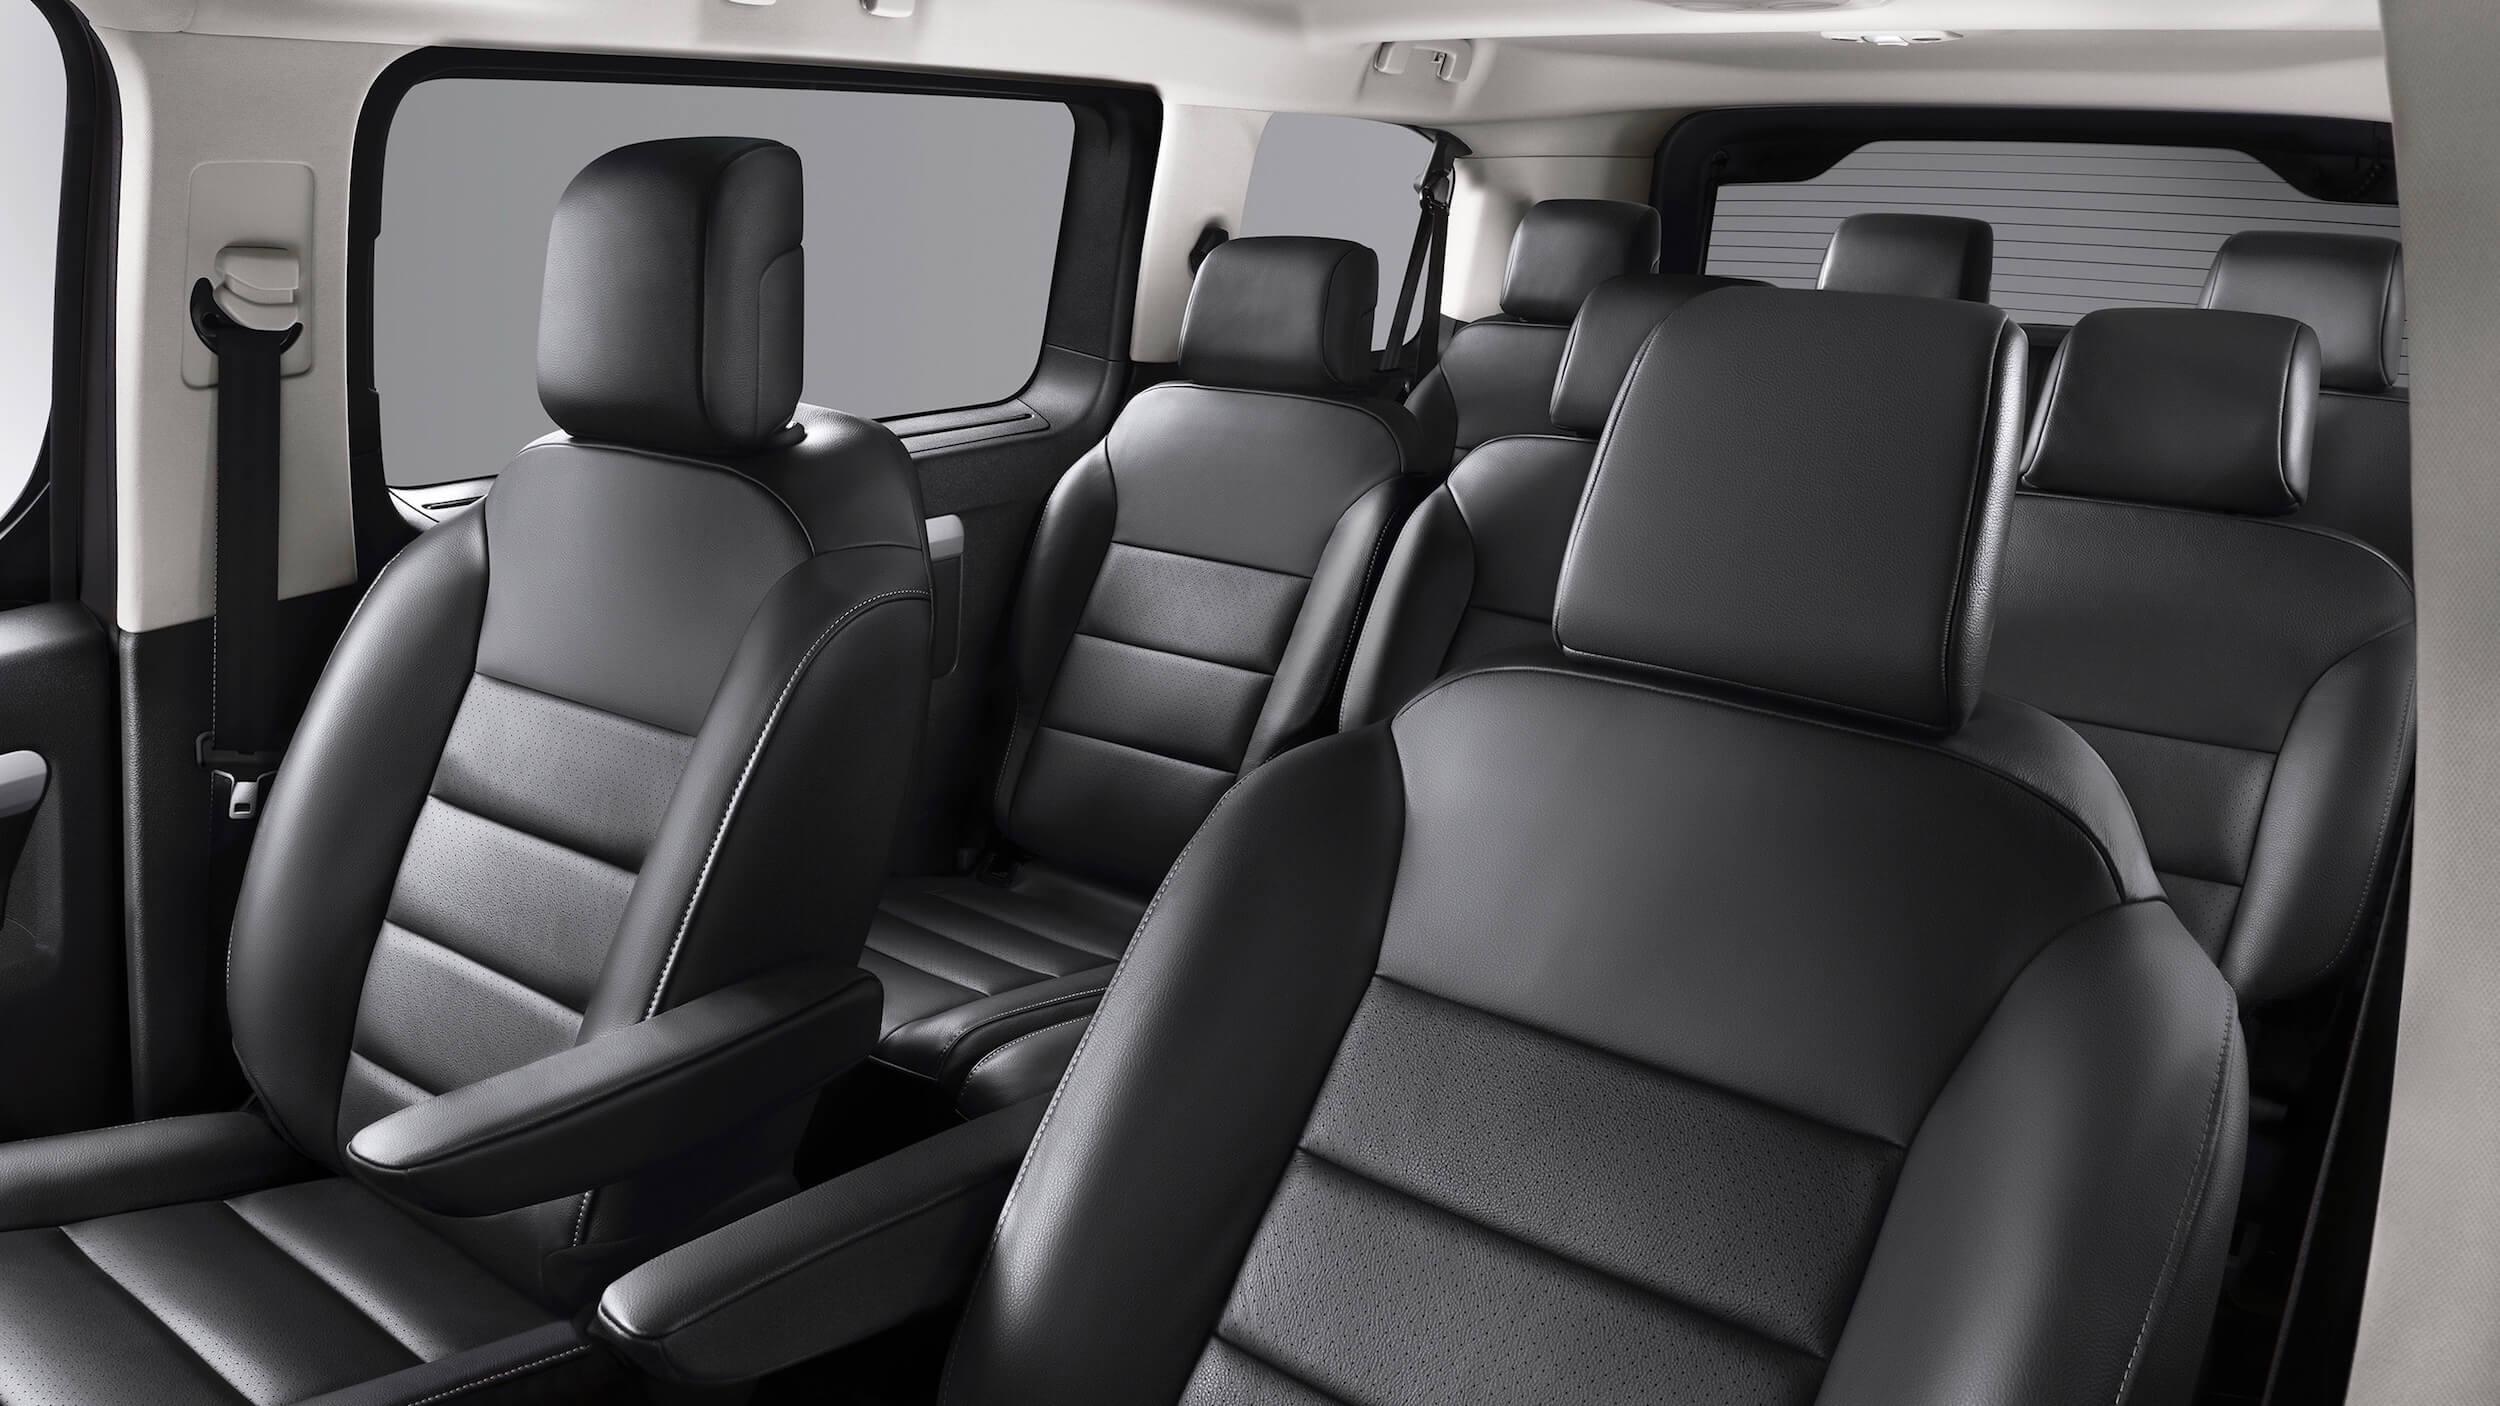 Elektrische Opel Zafira zitplaatsen